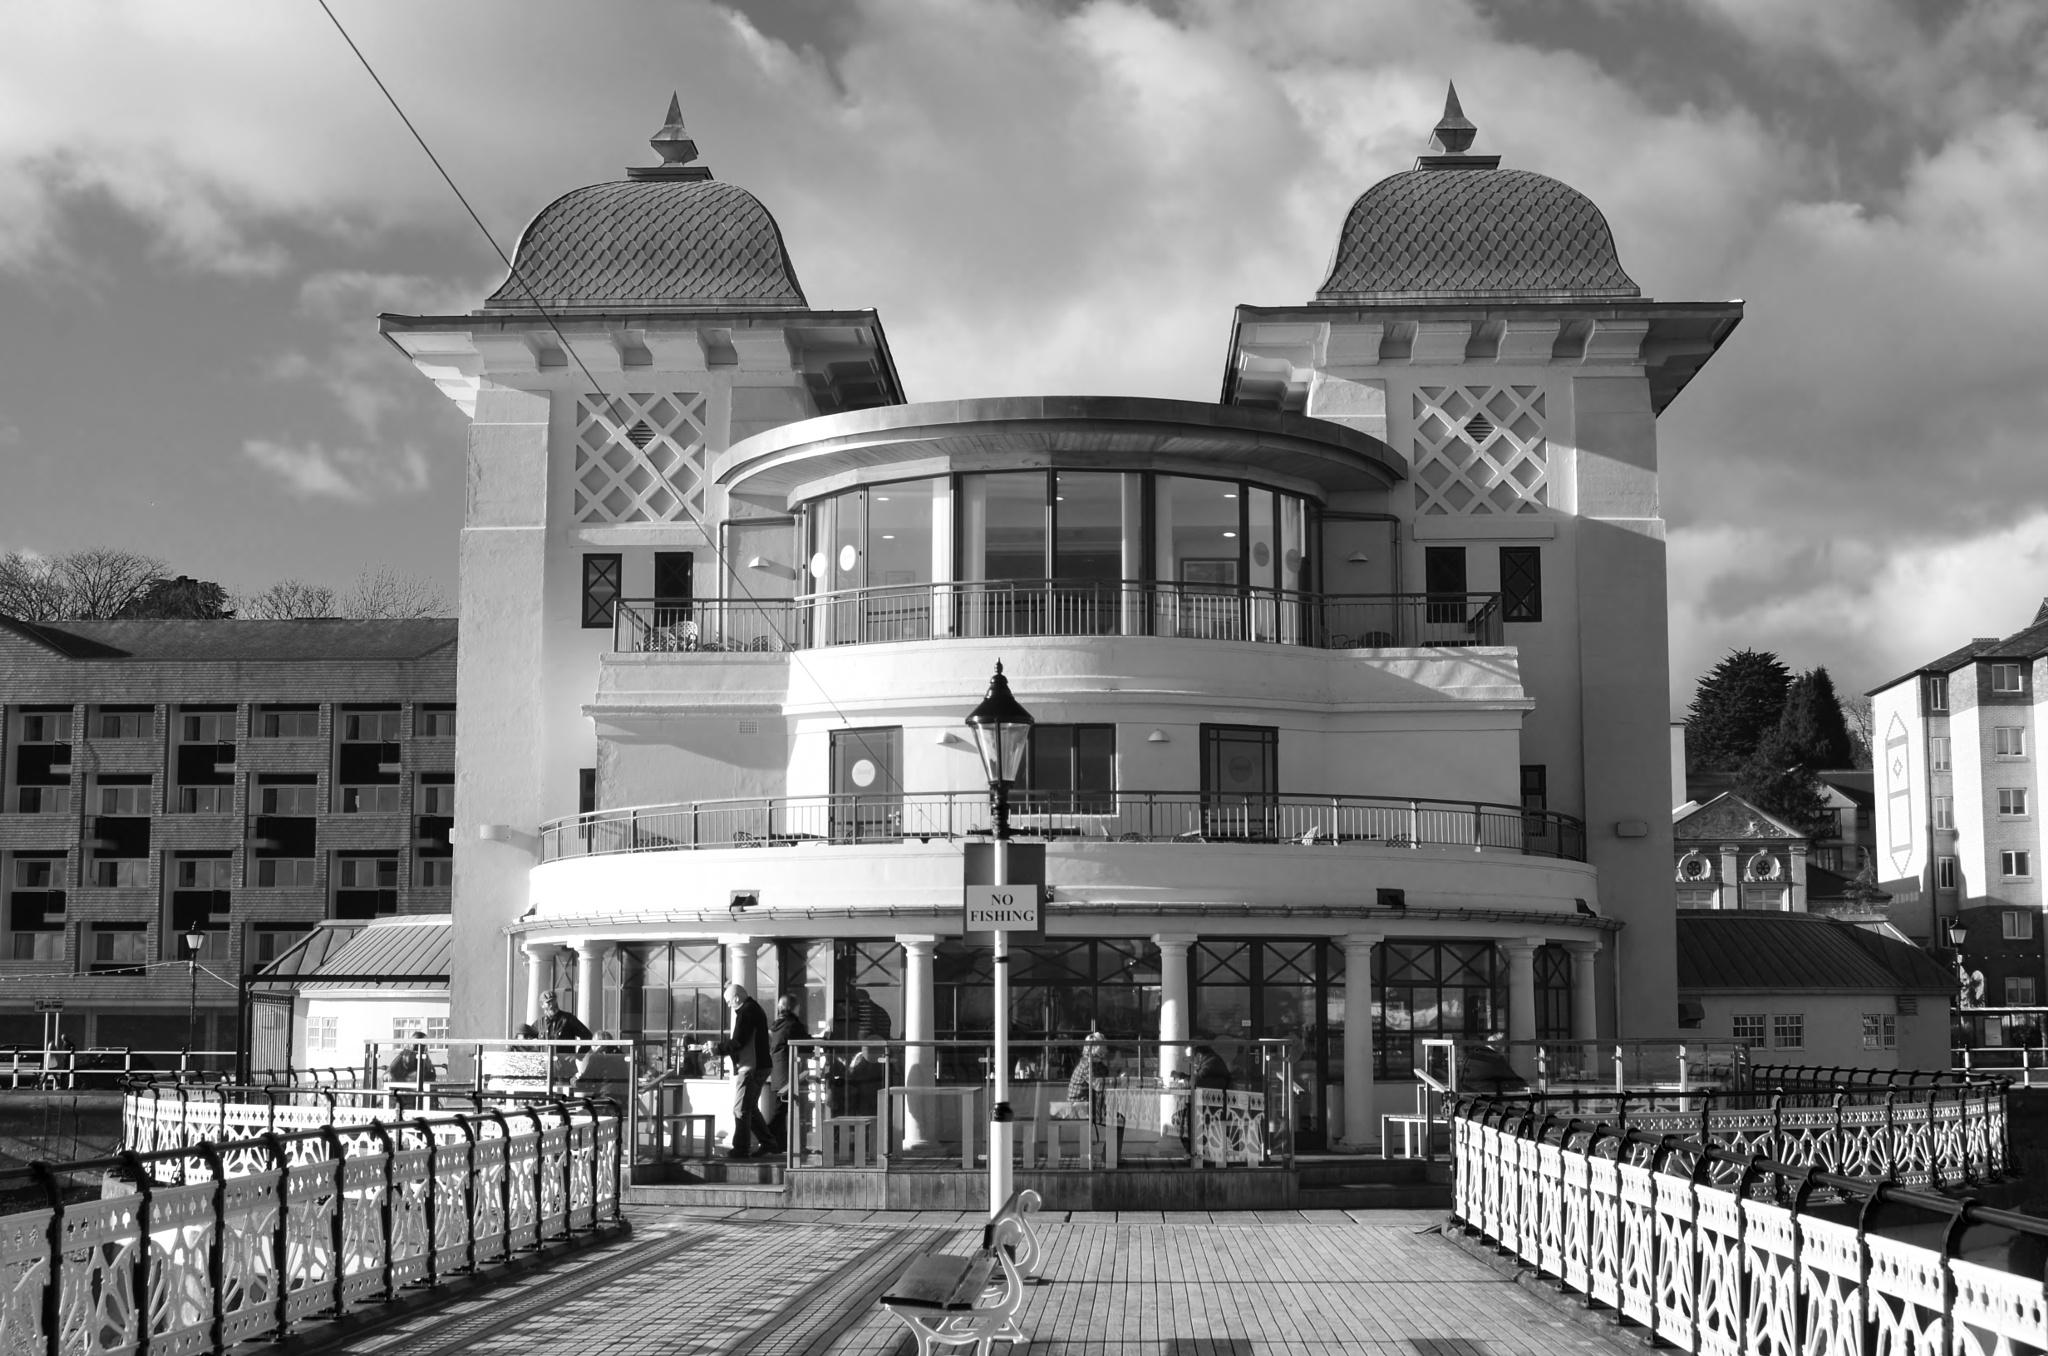 Penarth Pier by melaniehartshorn40